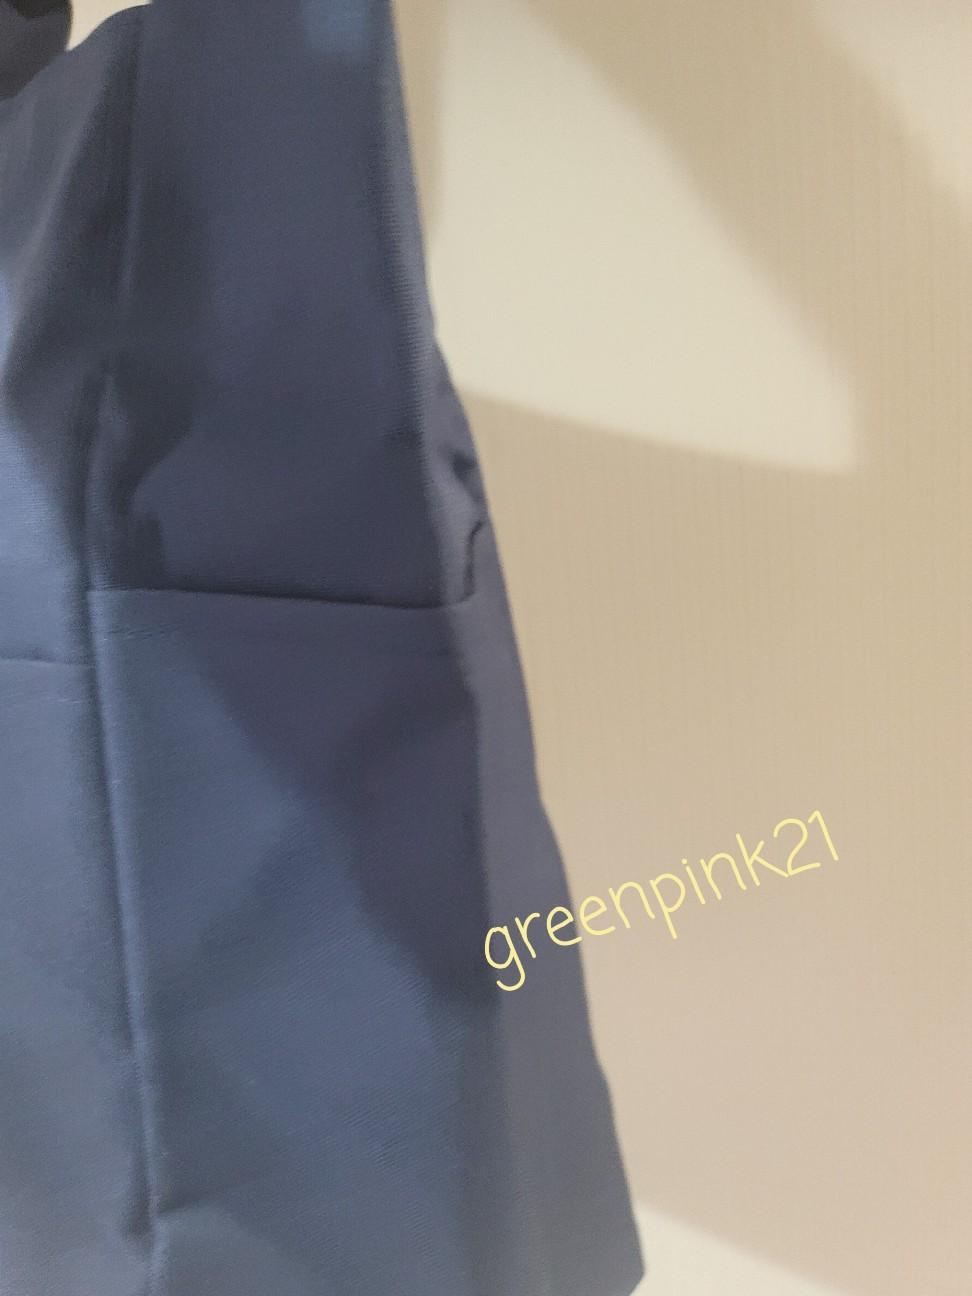 f:id:greenpink21:20210620163734j:image